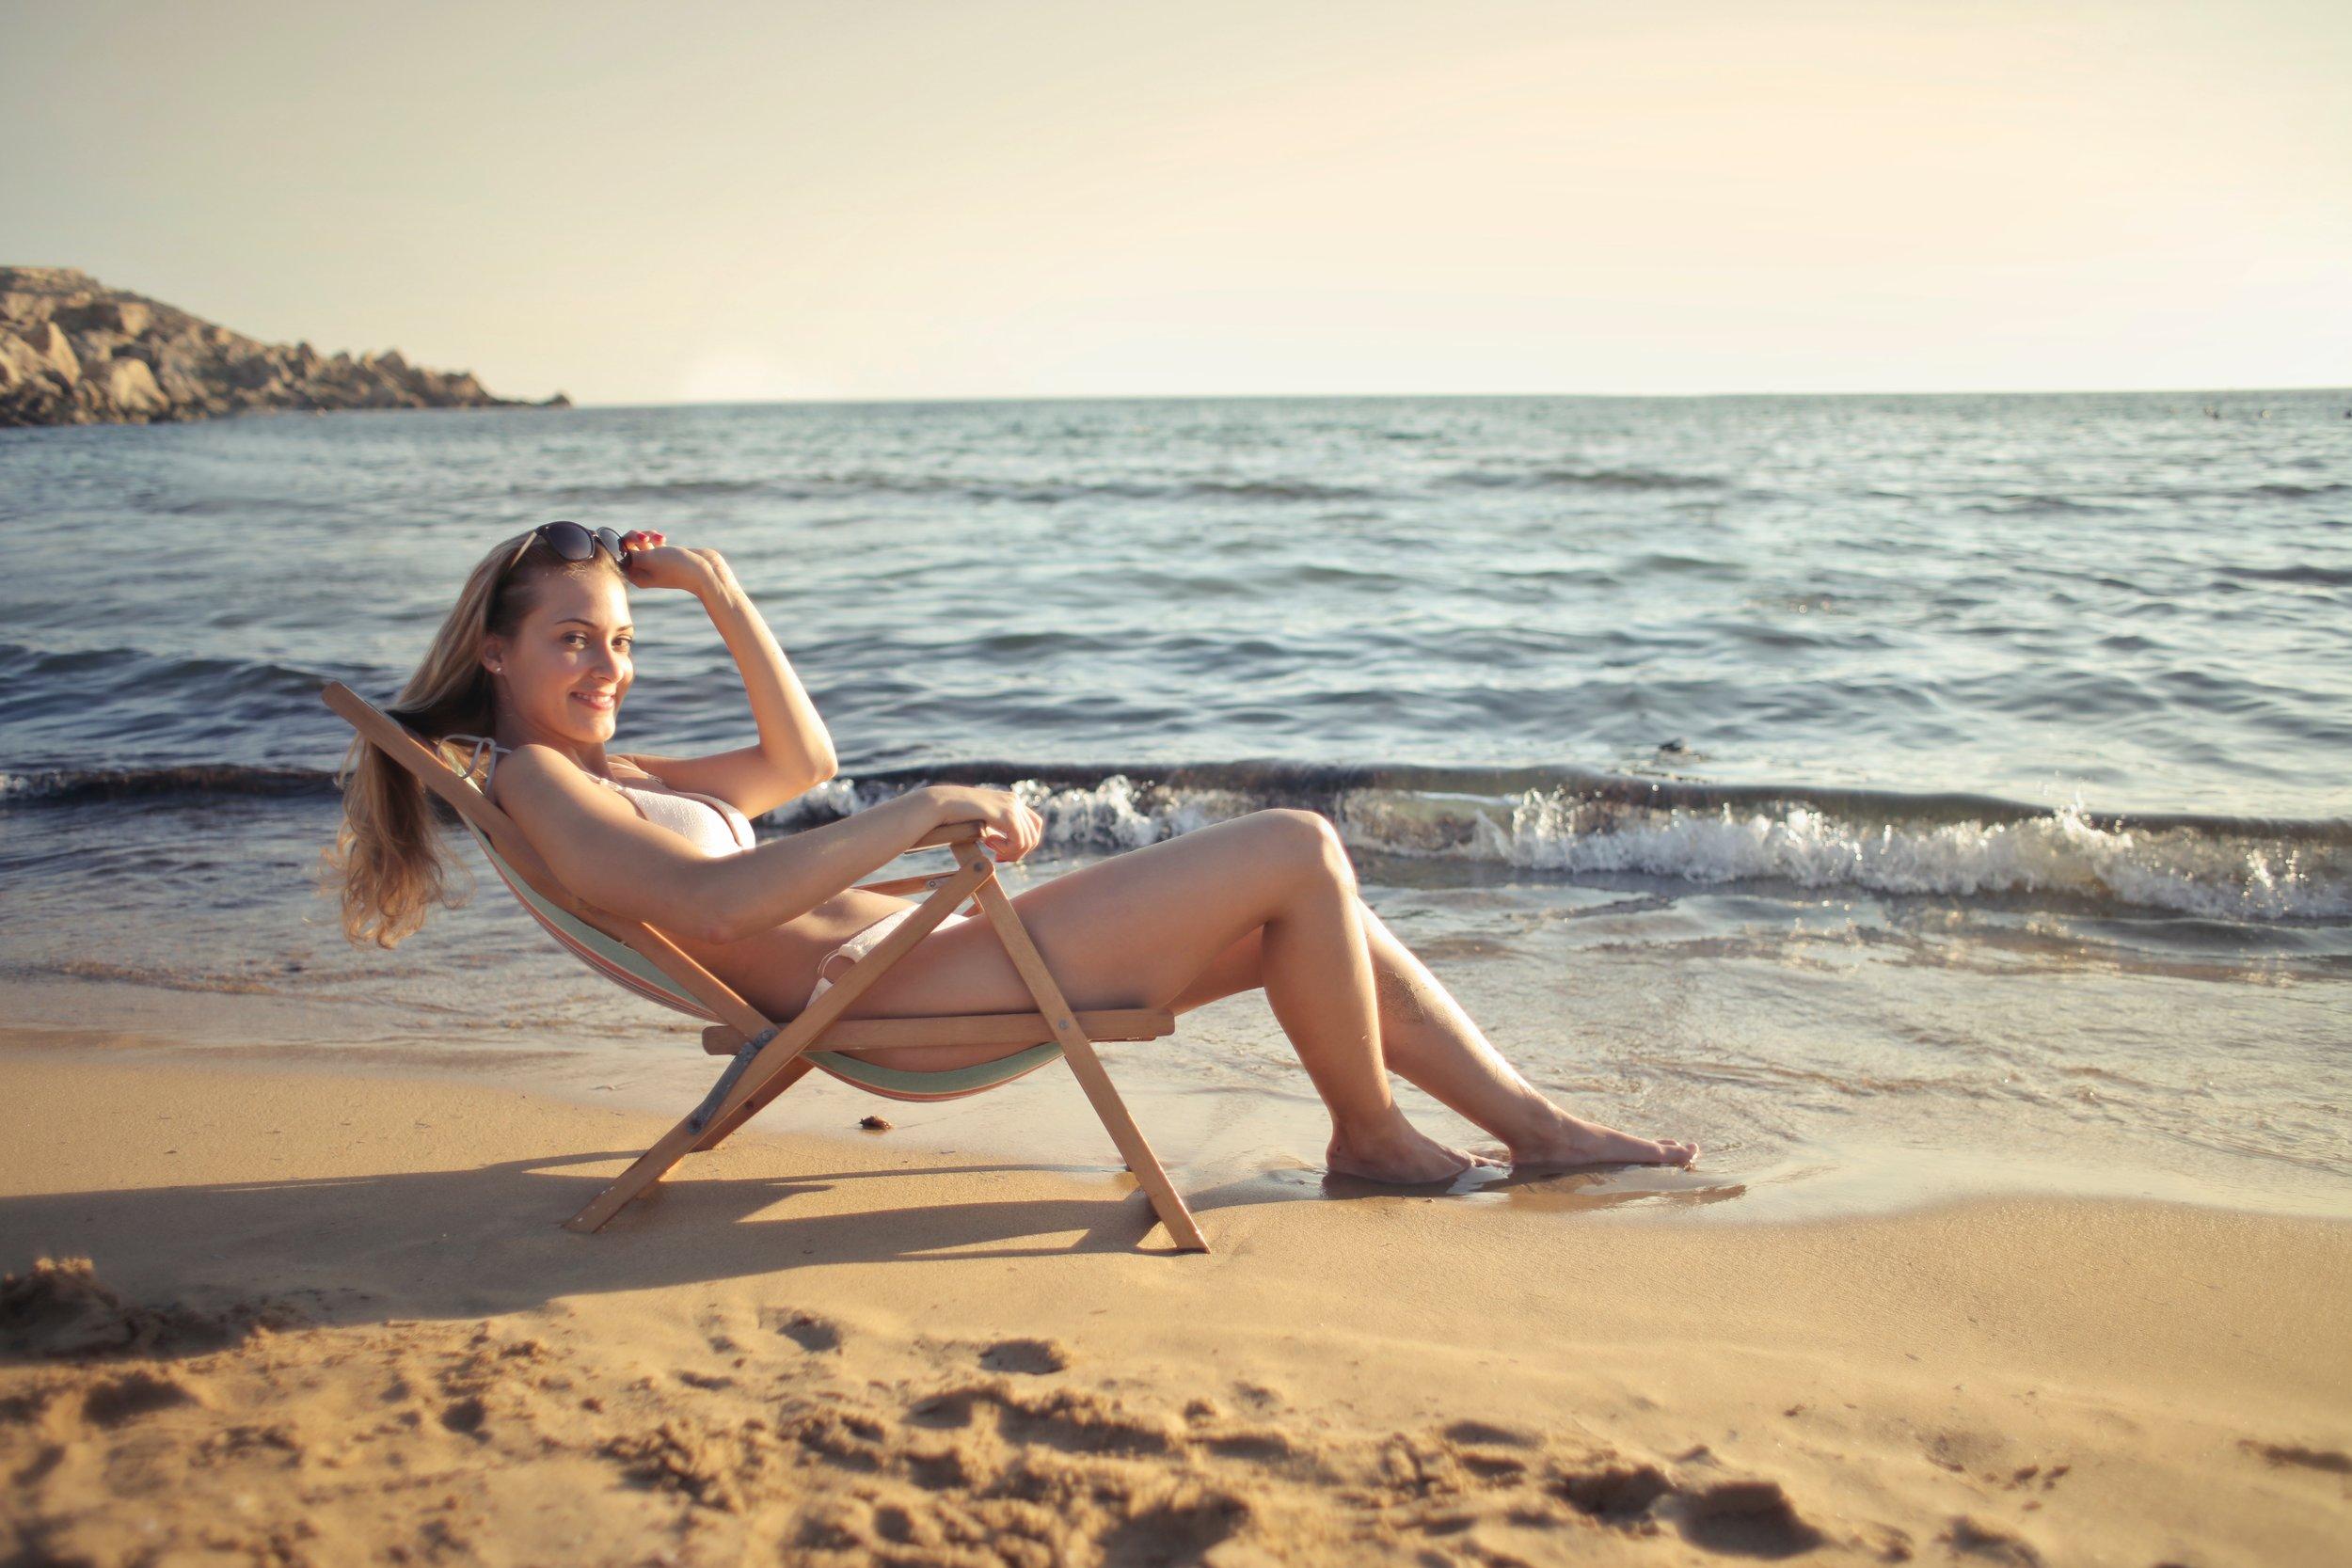 beach-beach-chair-beautiful-720116.jpg